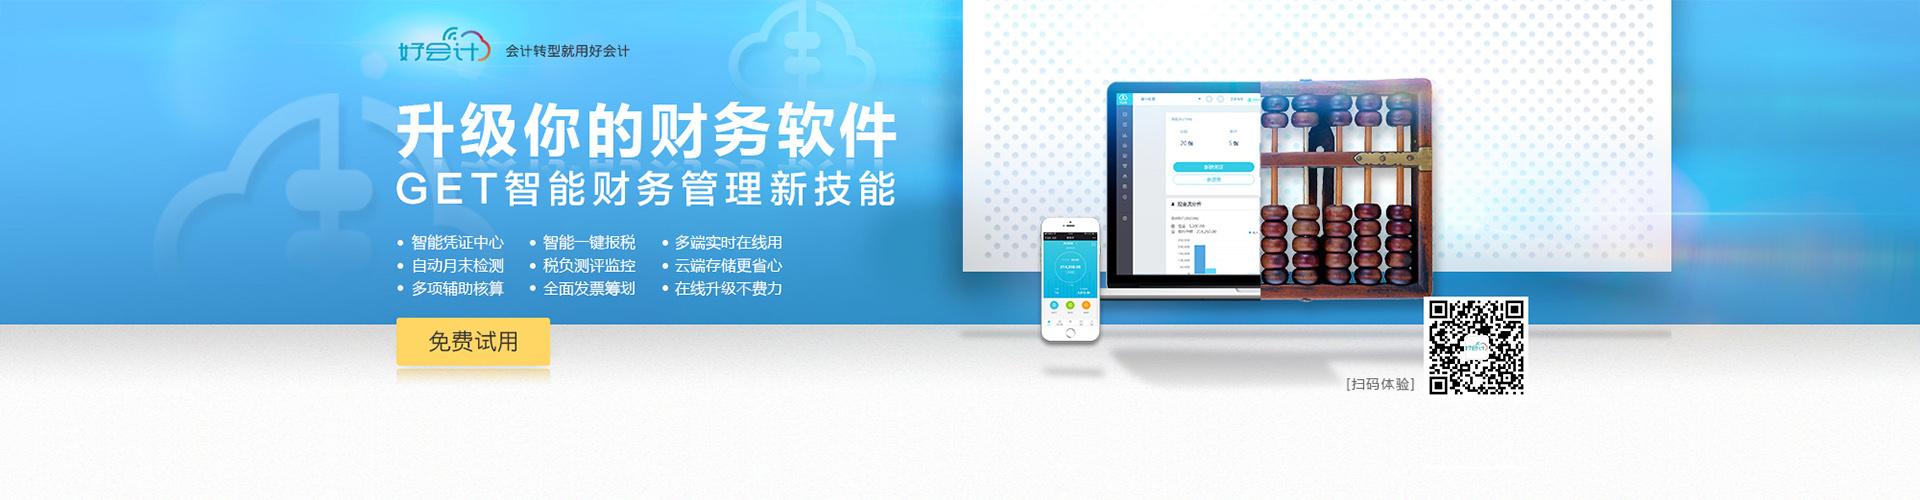 用友畅捷通好会计财务软件普及版免费试用版下载